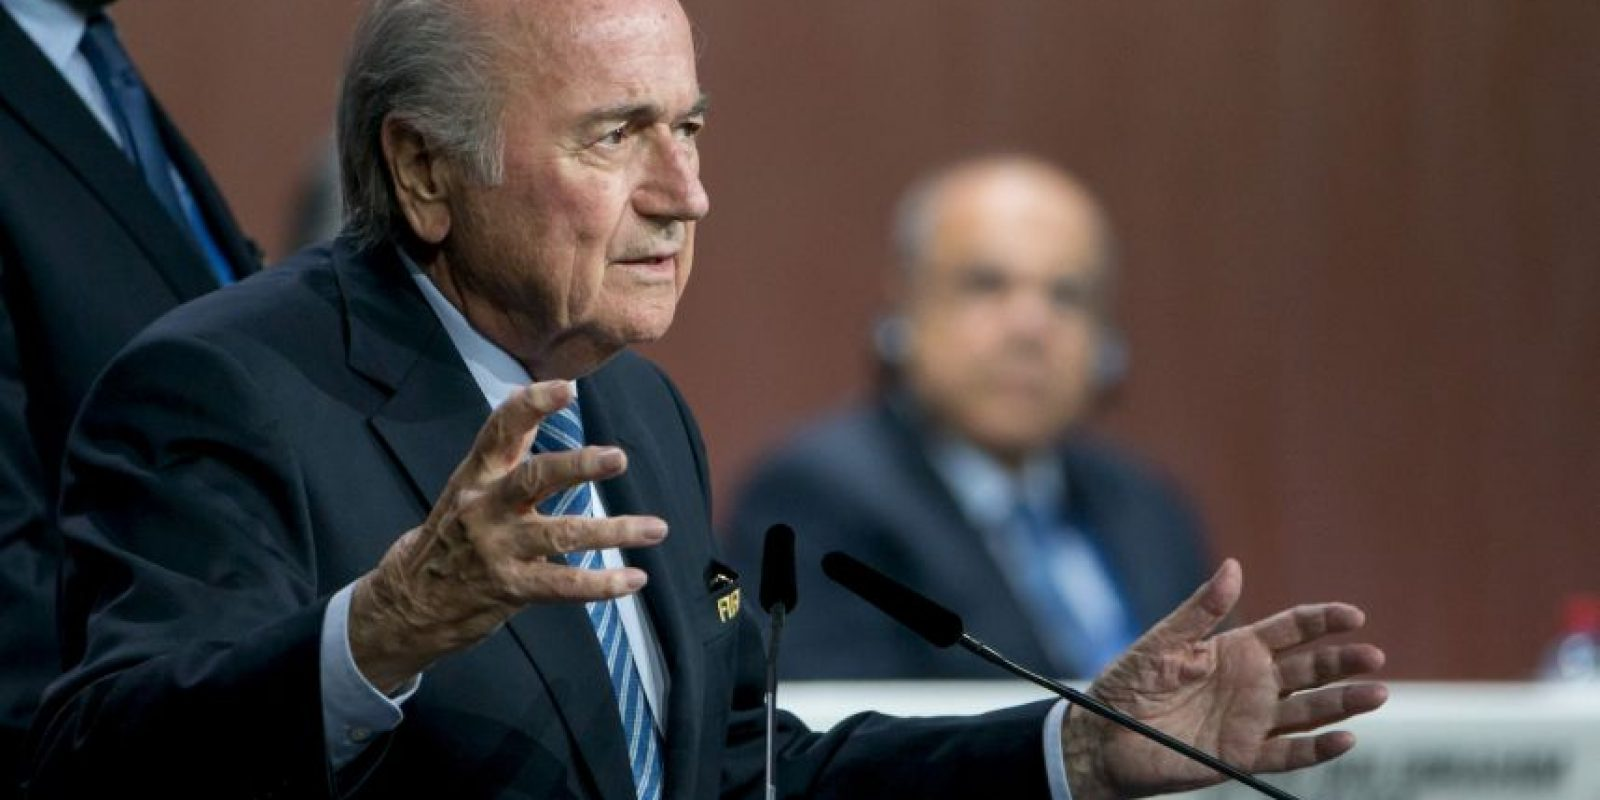 El suizo convocó a nuevas elecciones Foto:Getty Images